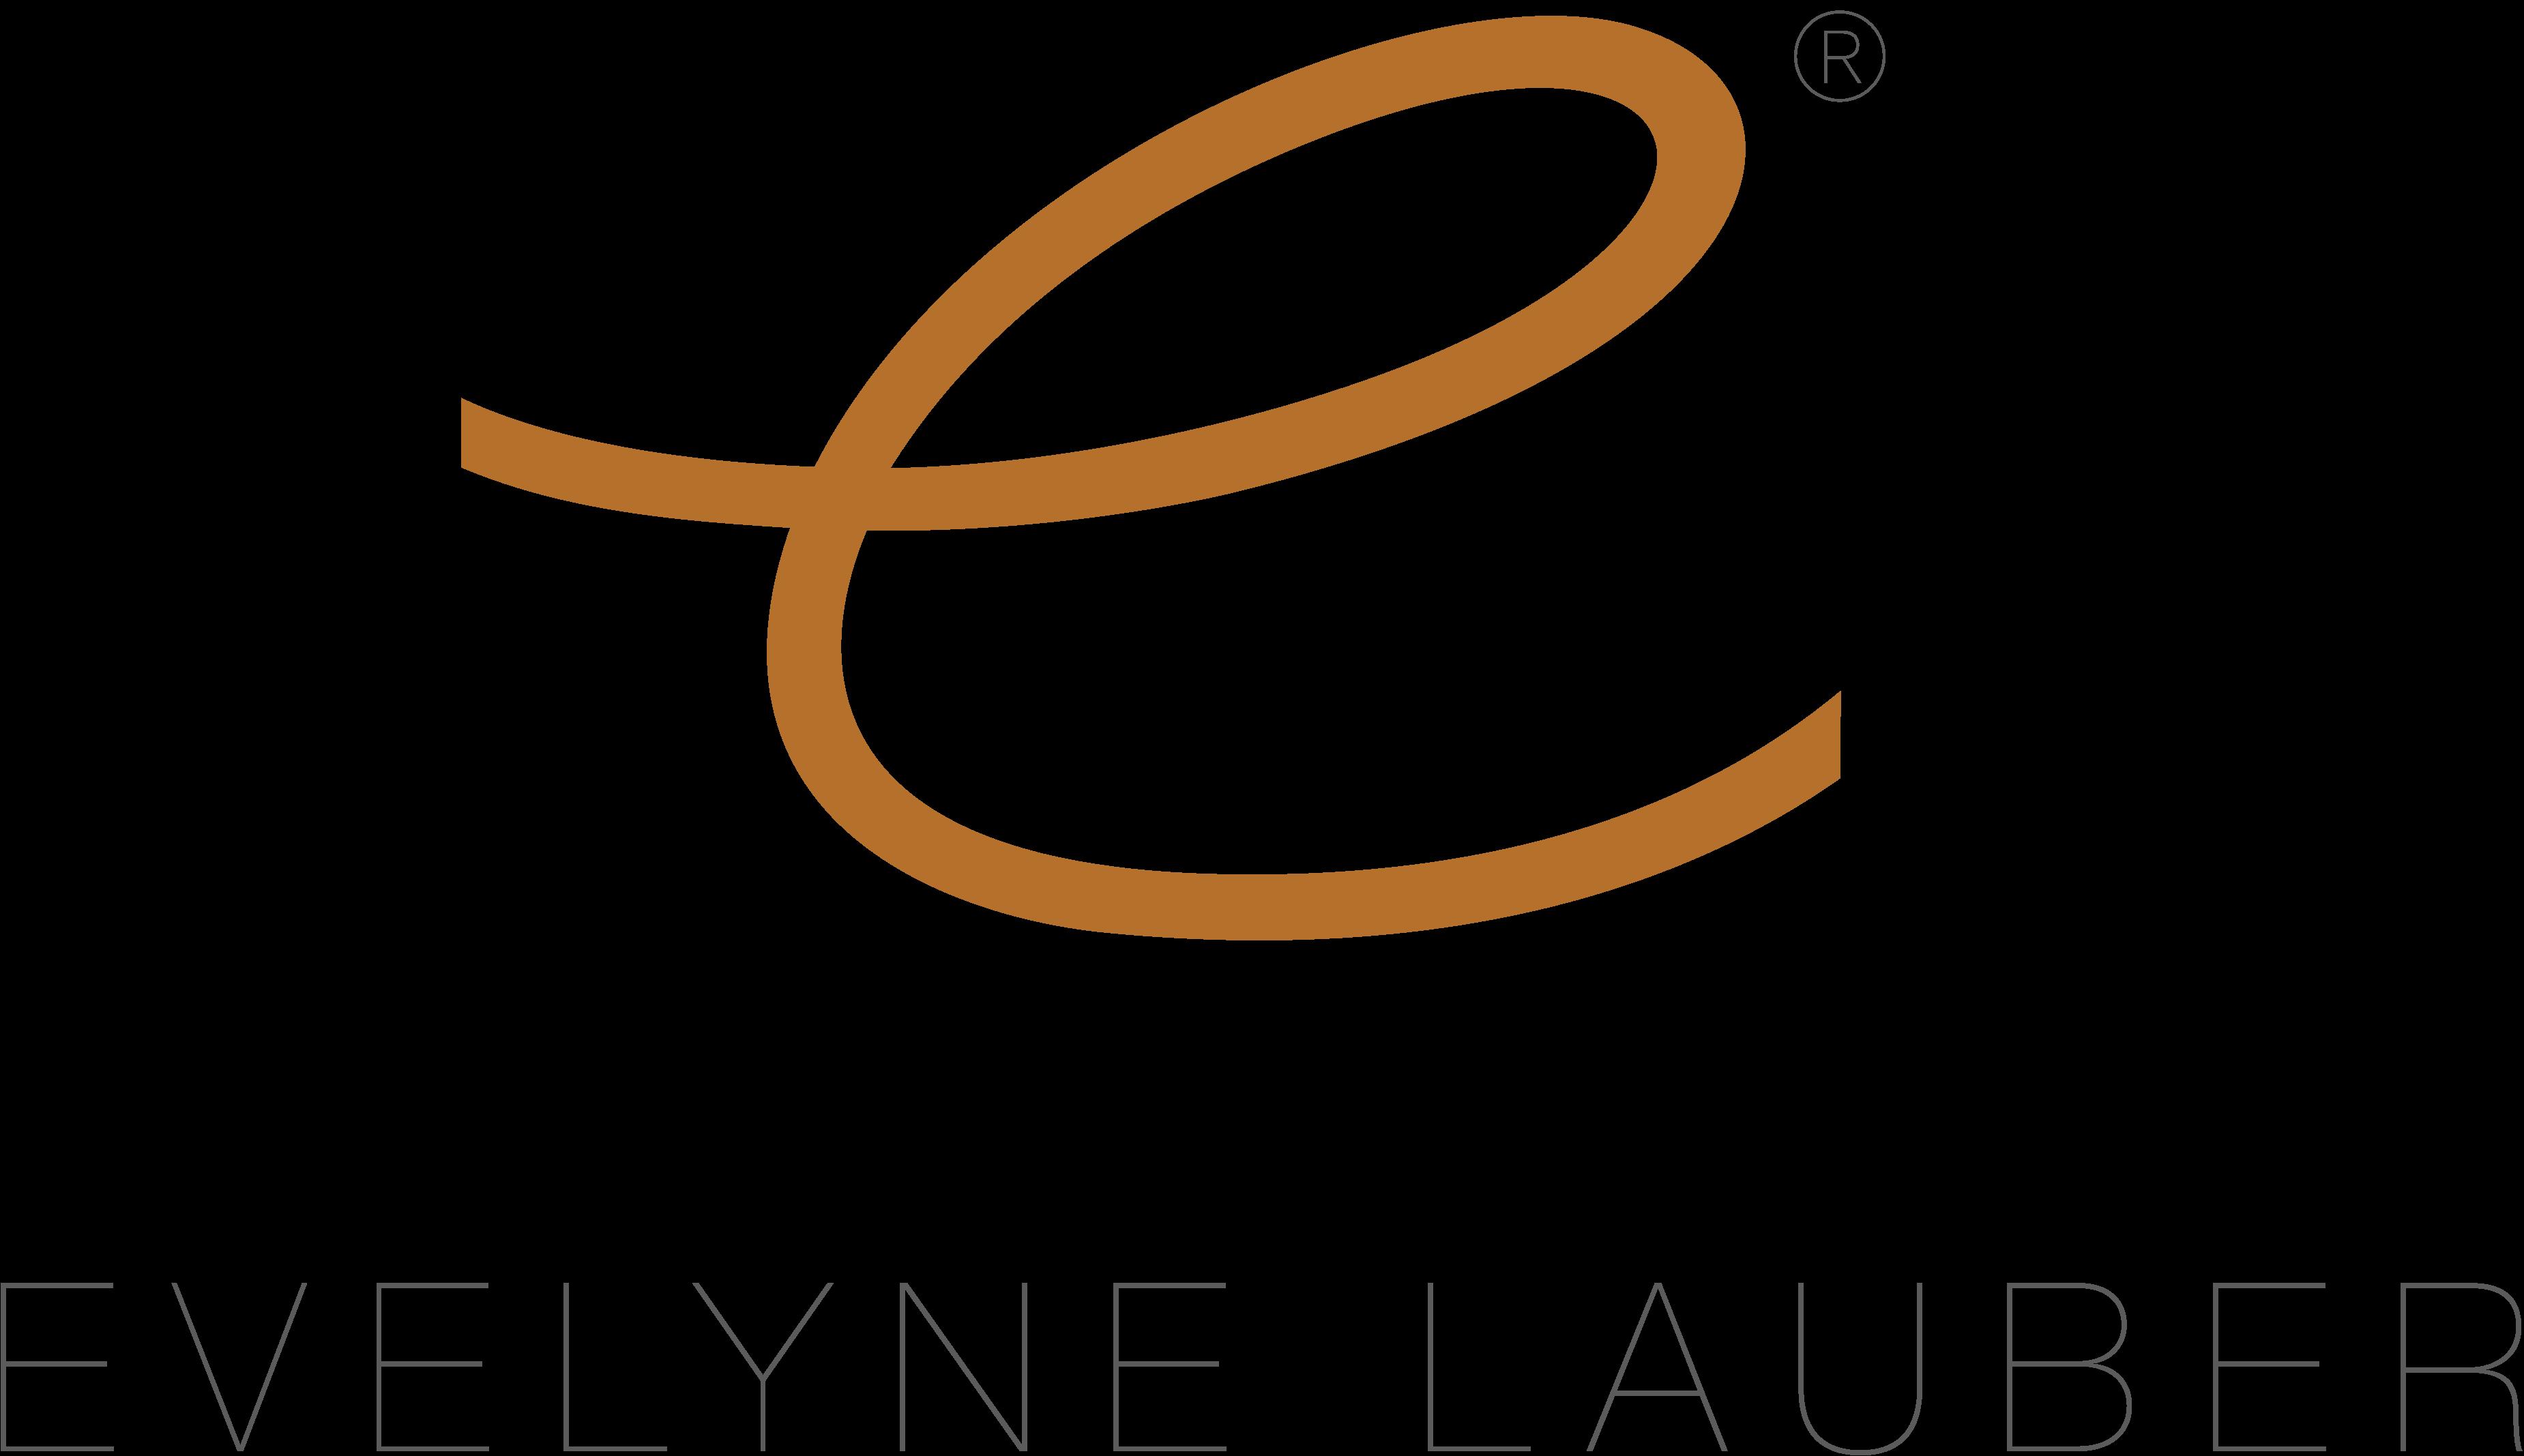 Evelyne Lauber